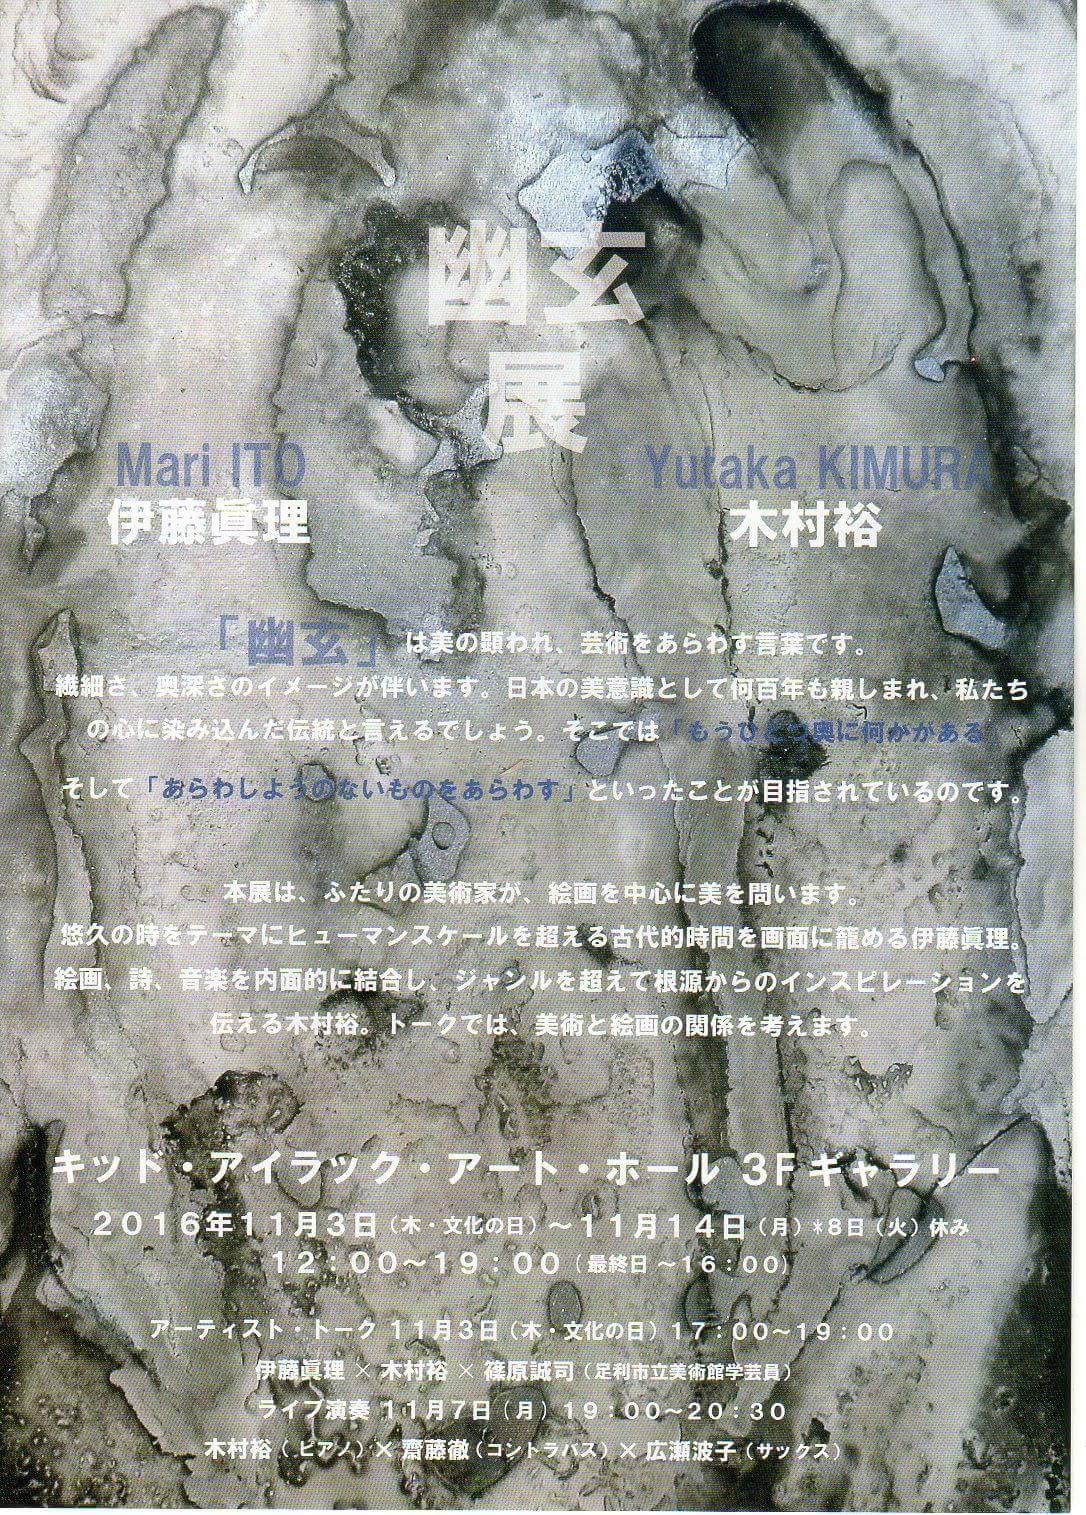 【幽玄】11/7(月)キッドアイラックホール★木村裕+齋藤徹+広瀬波子 ライブ